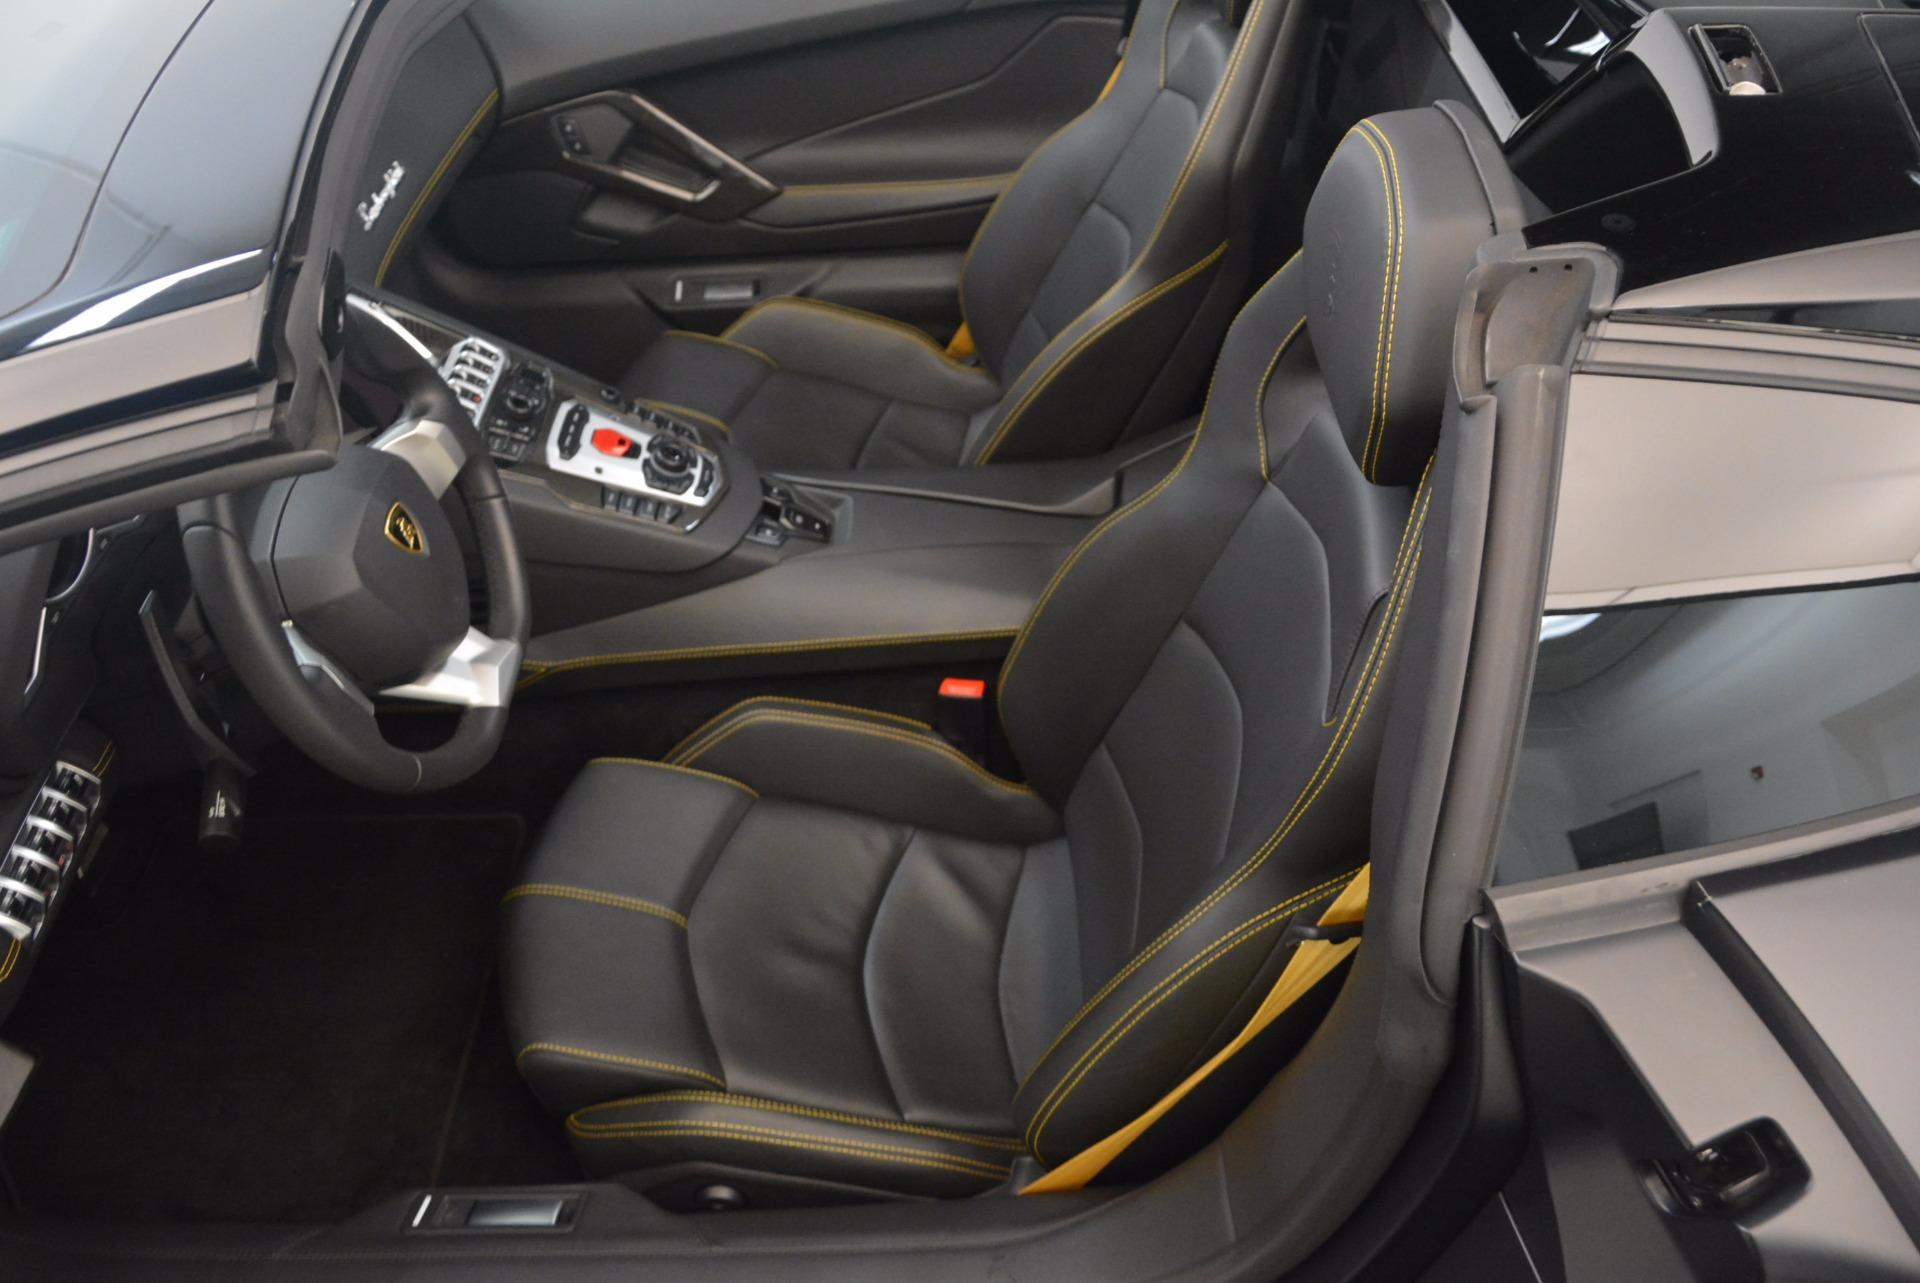 Used 2015 Lamborghini Aventador LP 700-4 For Sale In Greenwich, CT 1217_p22